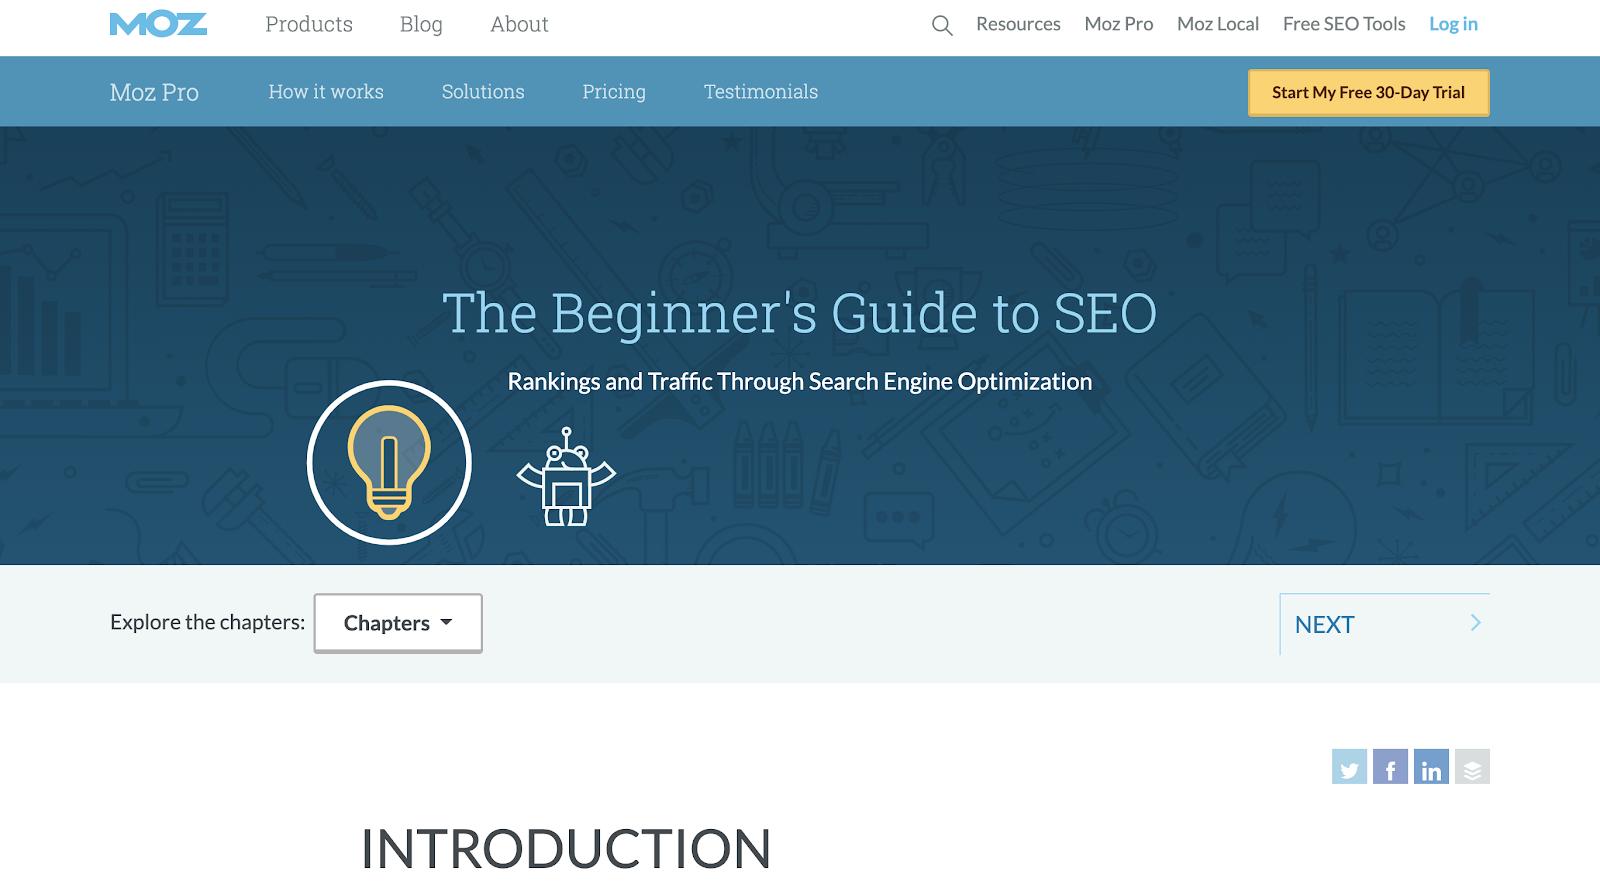 Moz's Beginner's Guide to SEO